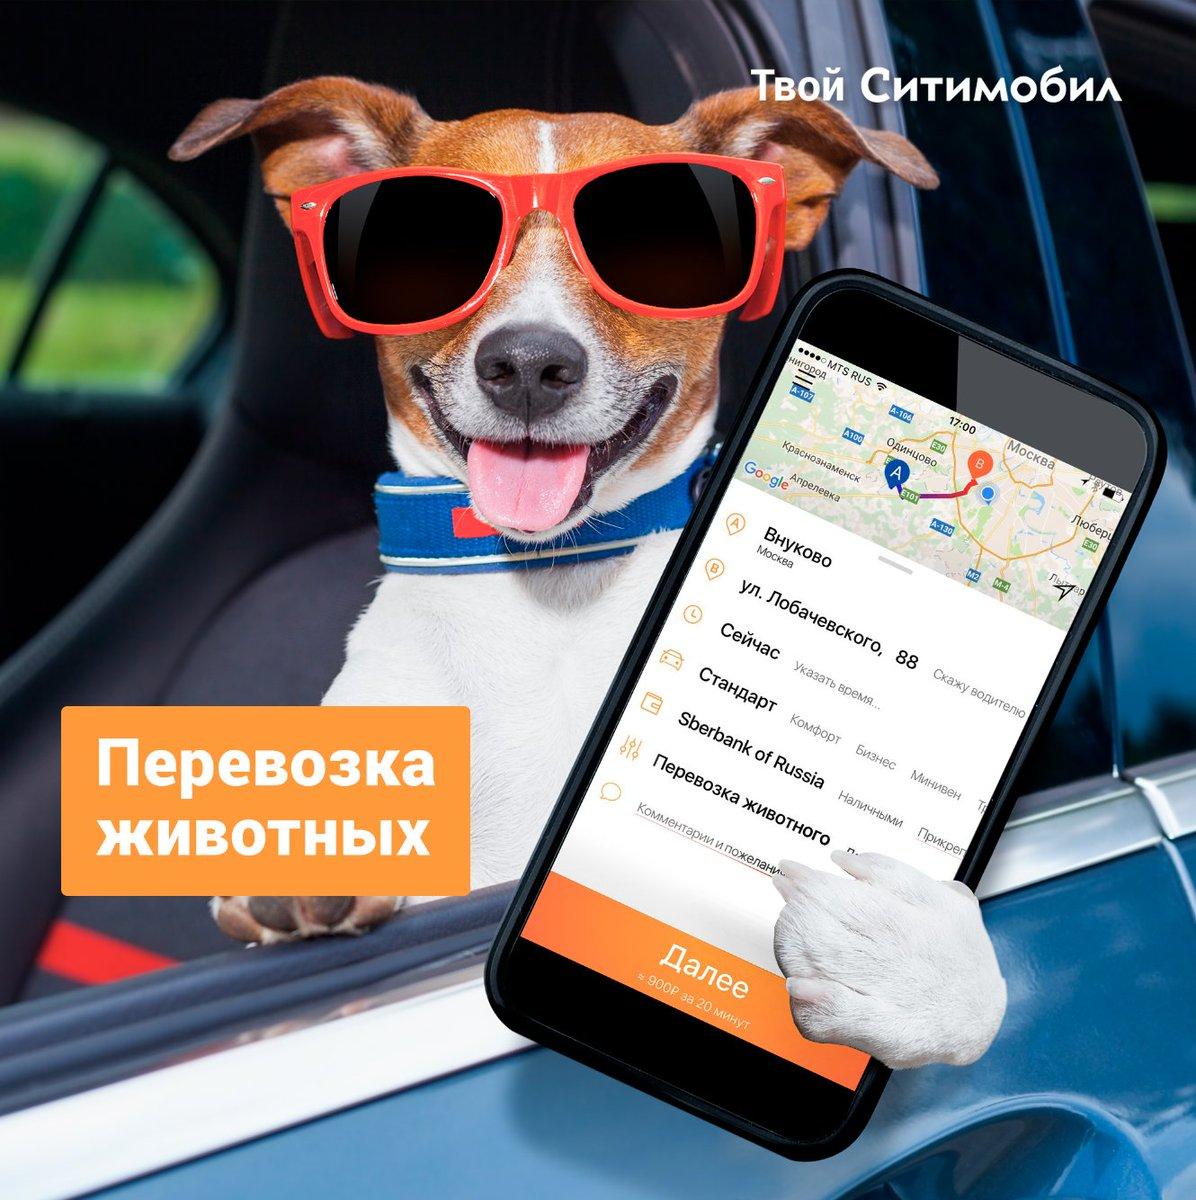 перевозка животных в поезде по россии в 2019 году